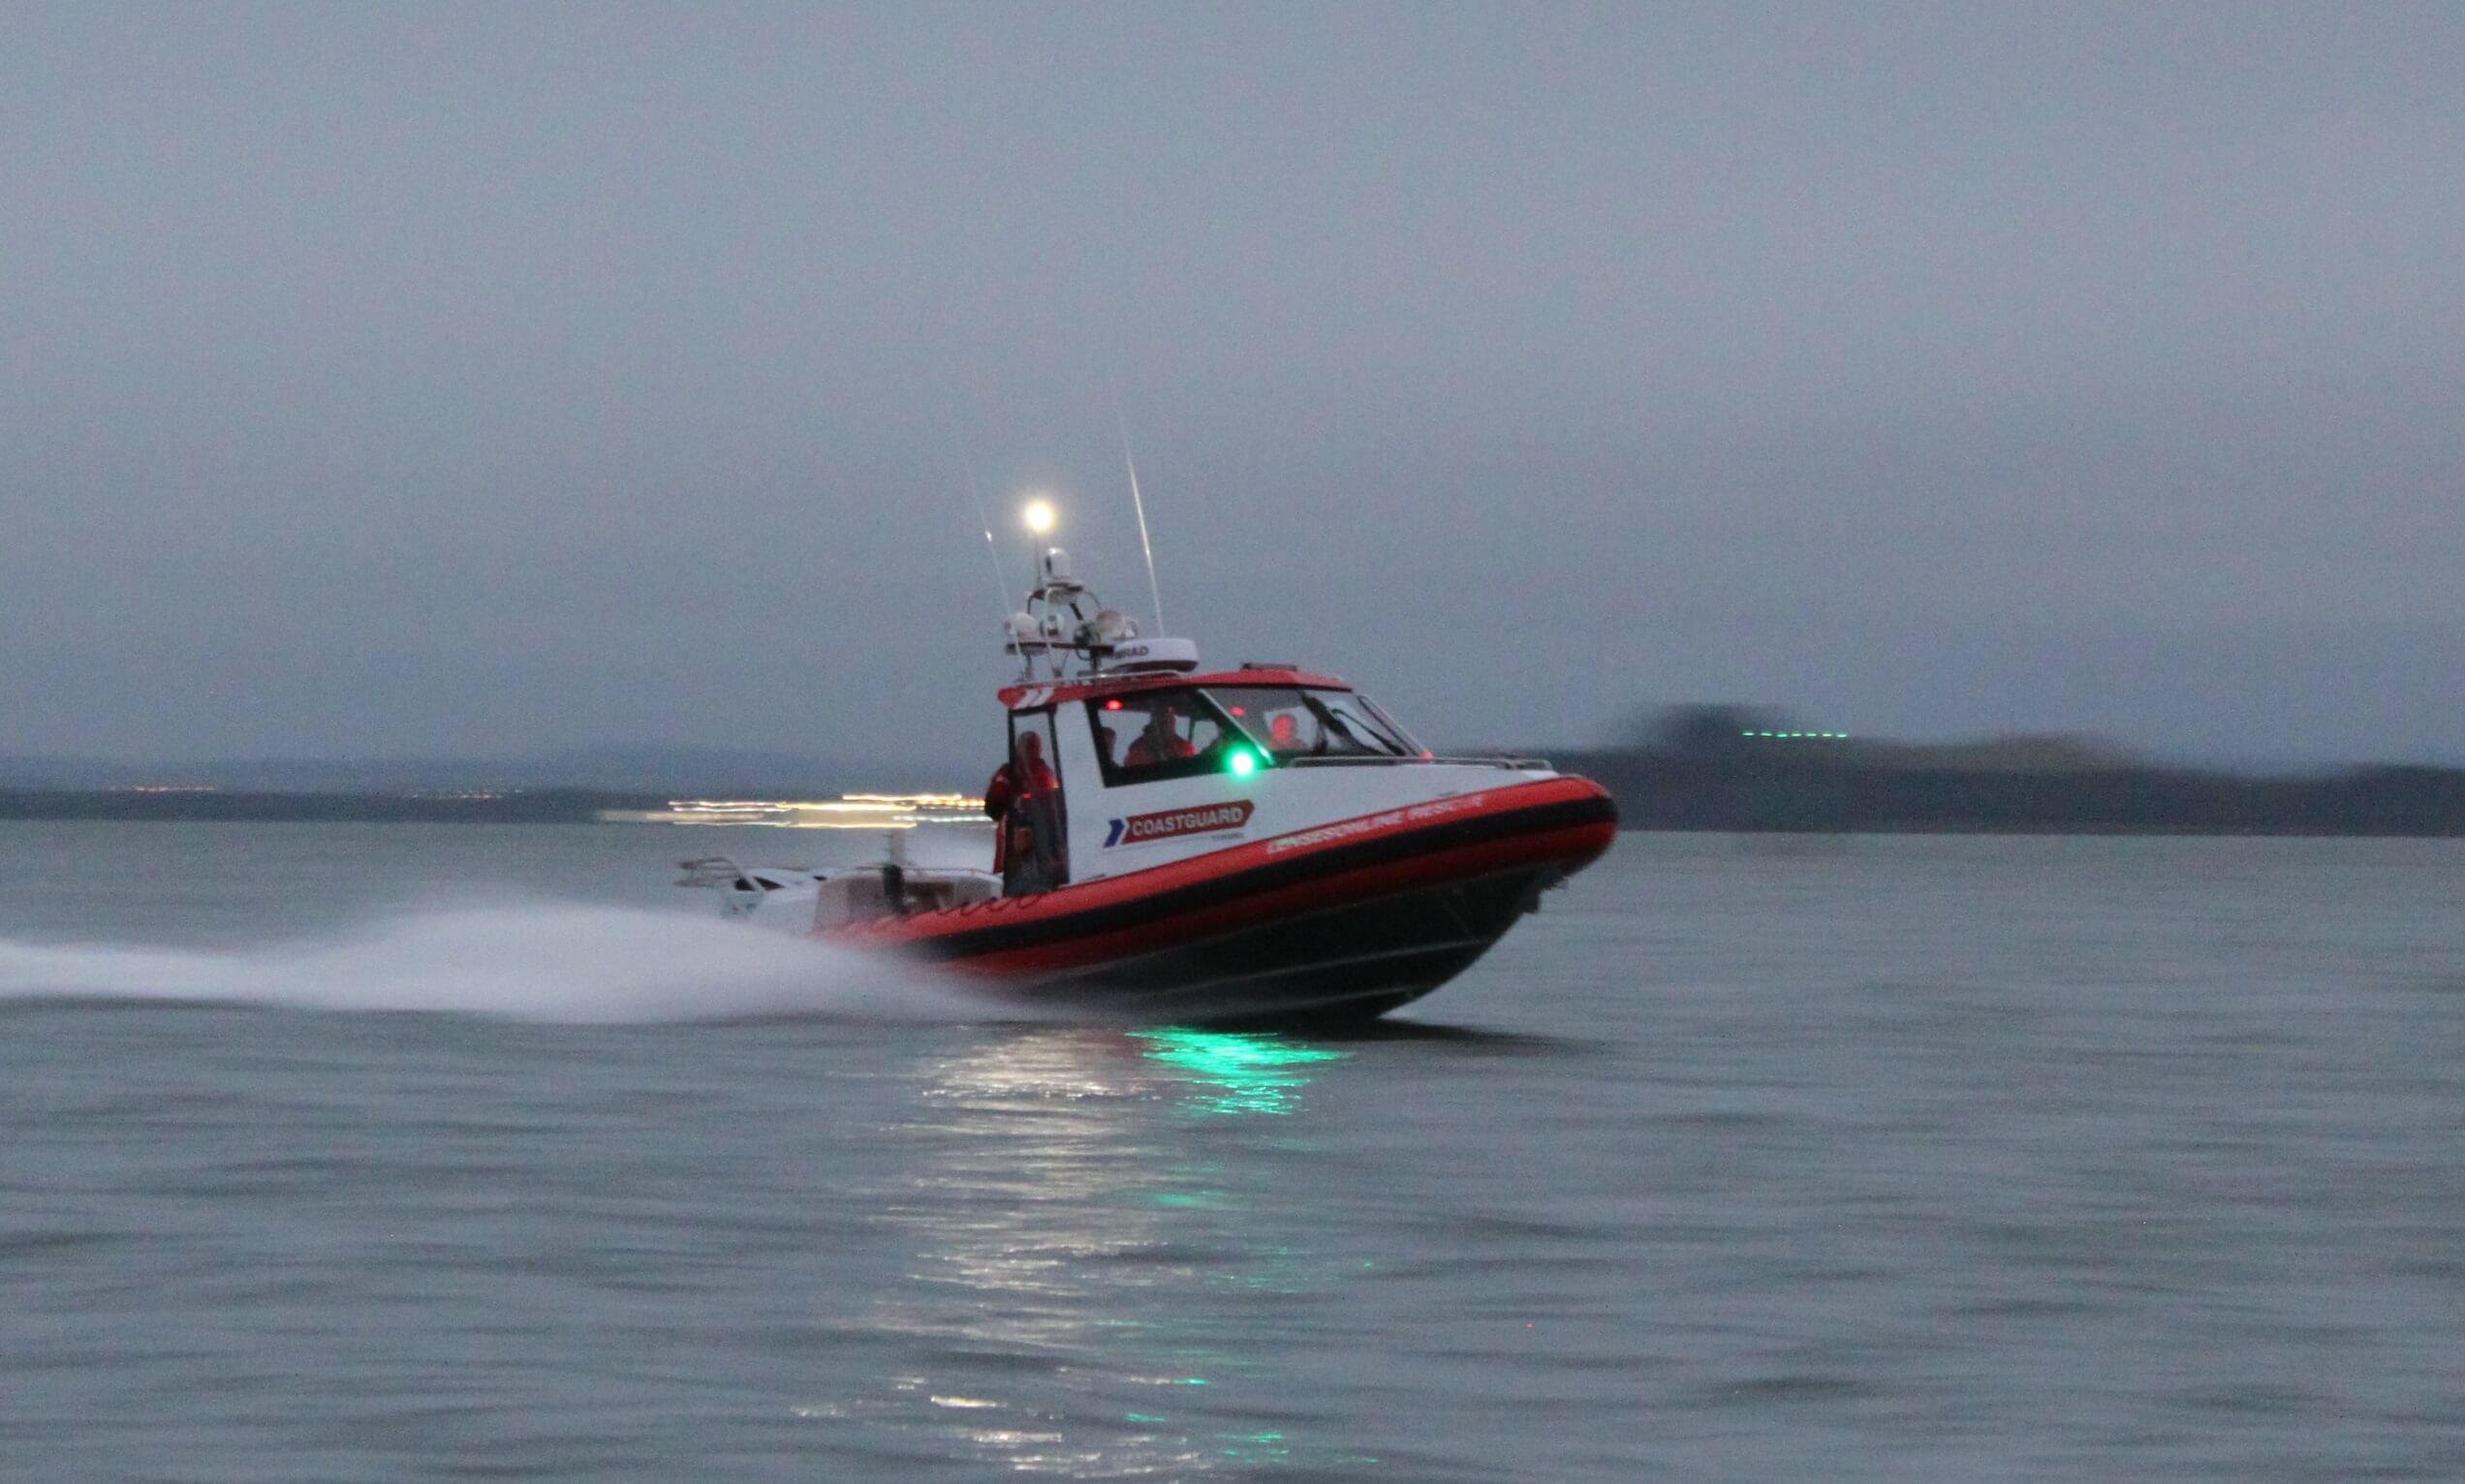 coastguard-boat-moving-resized.jpg